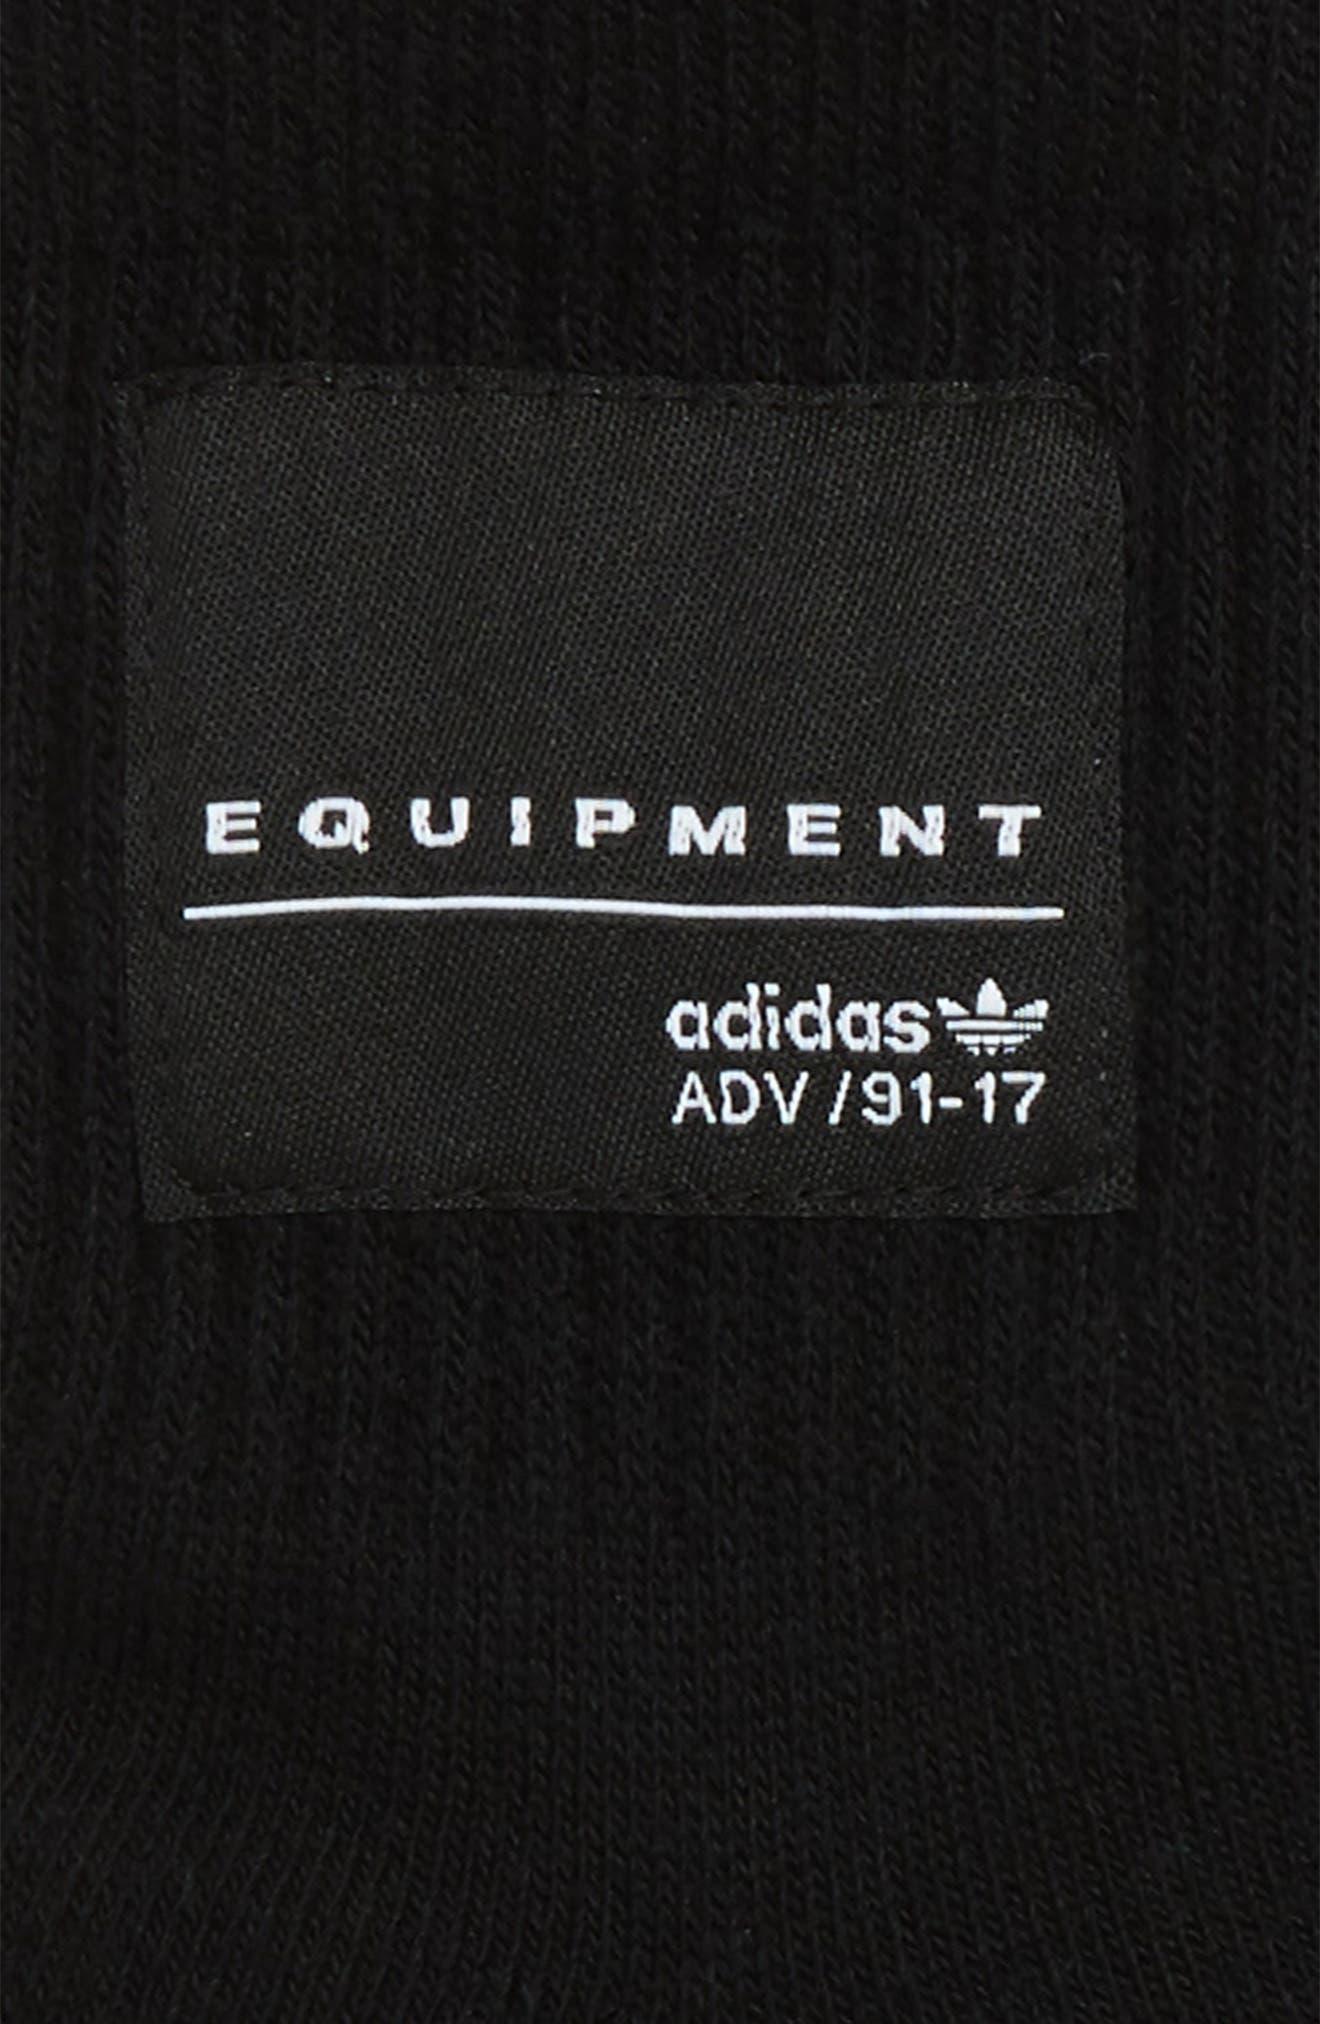 Equipment Crew Socks,                             Alternate thumbnail 2, color,                             Black/ White